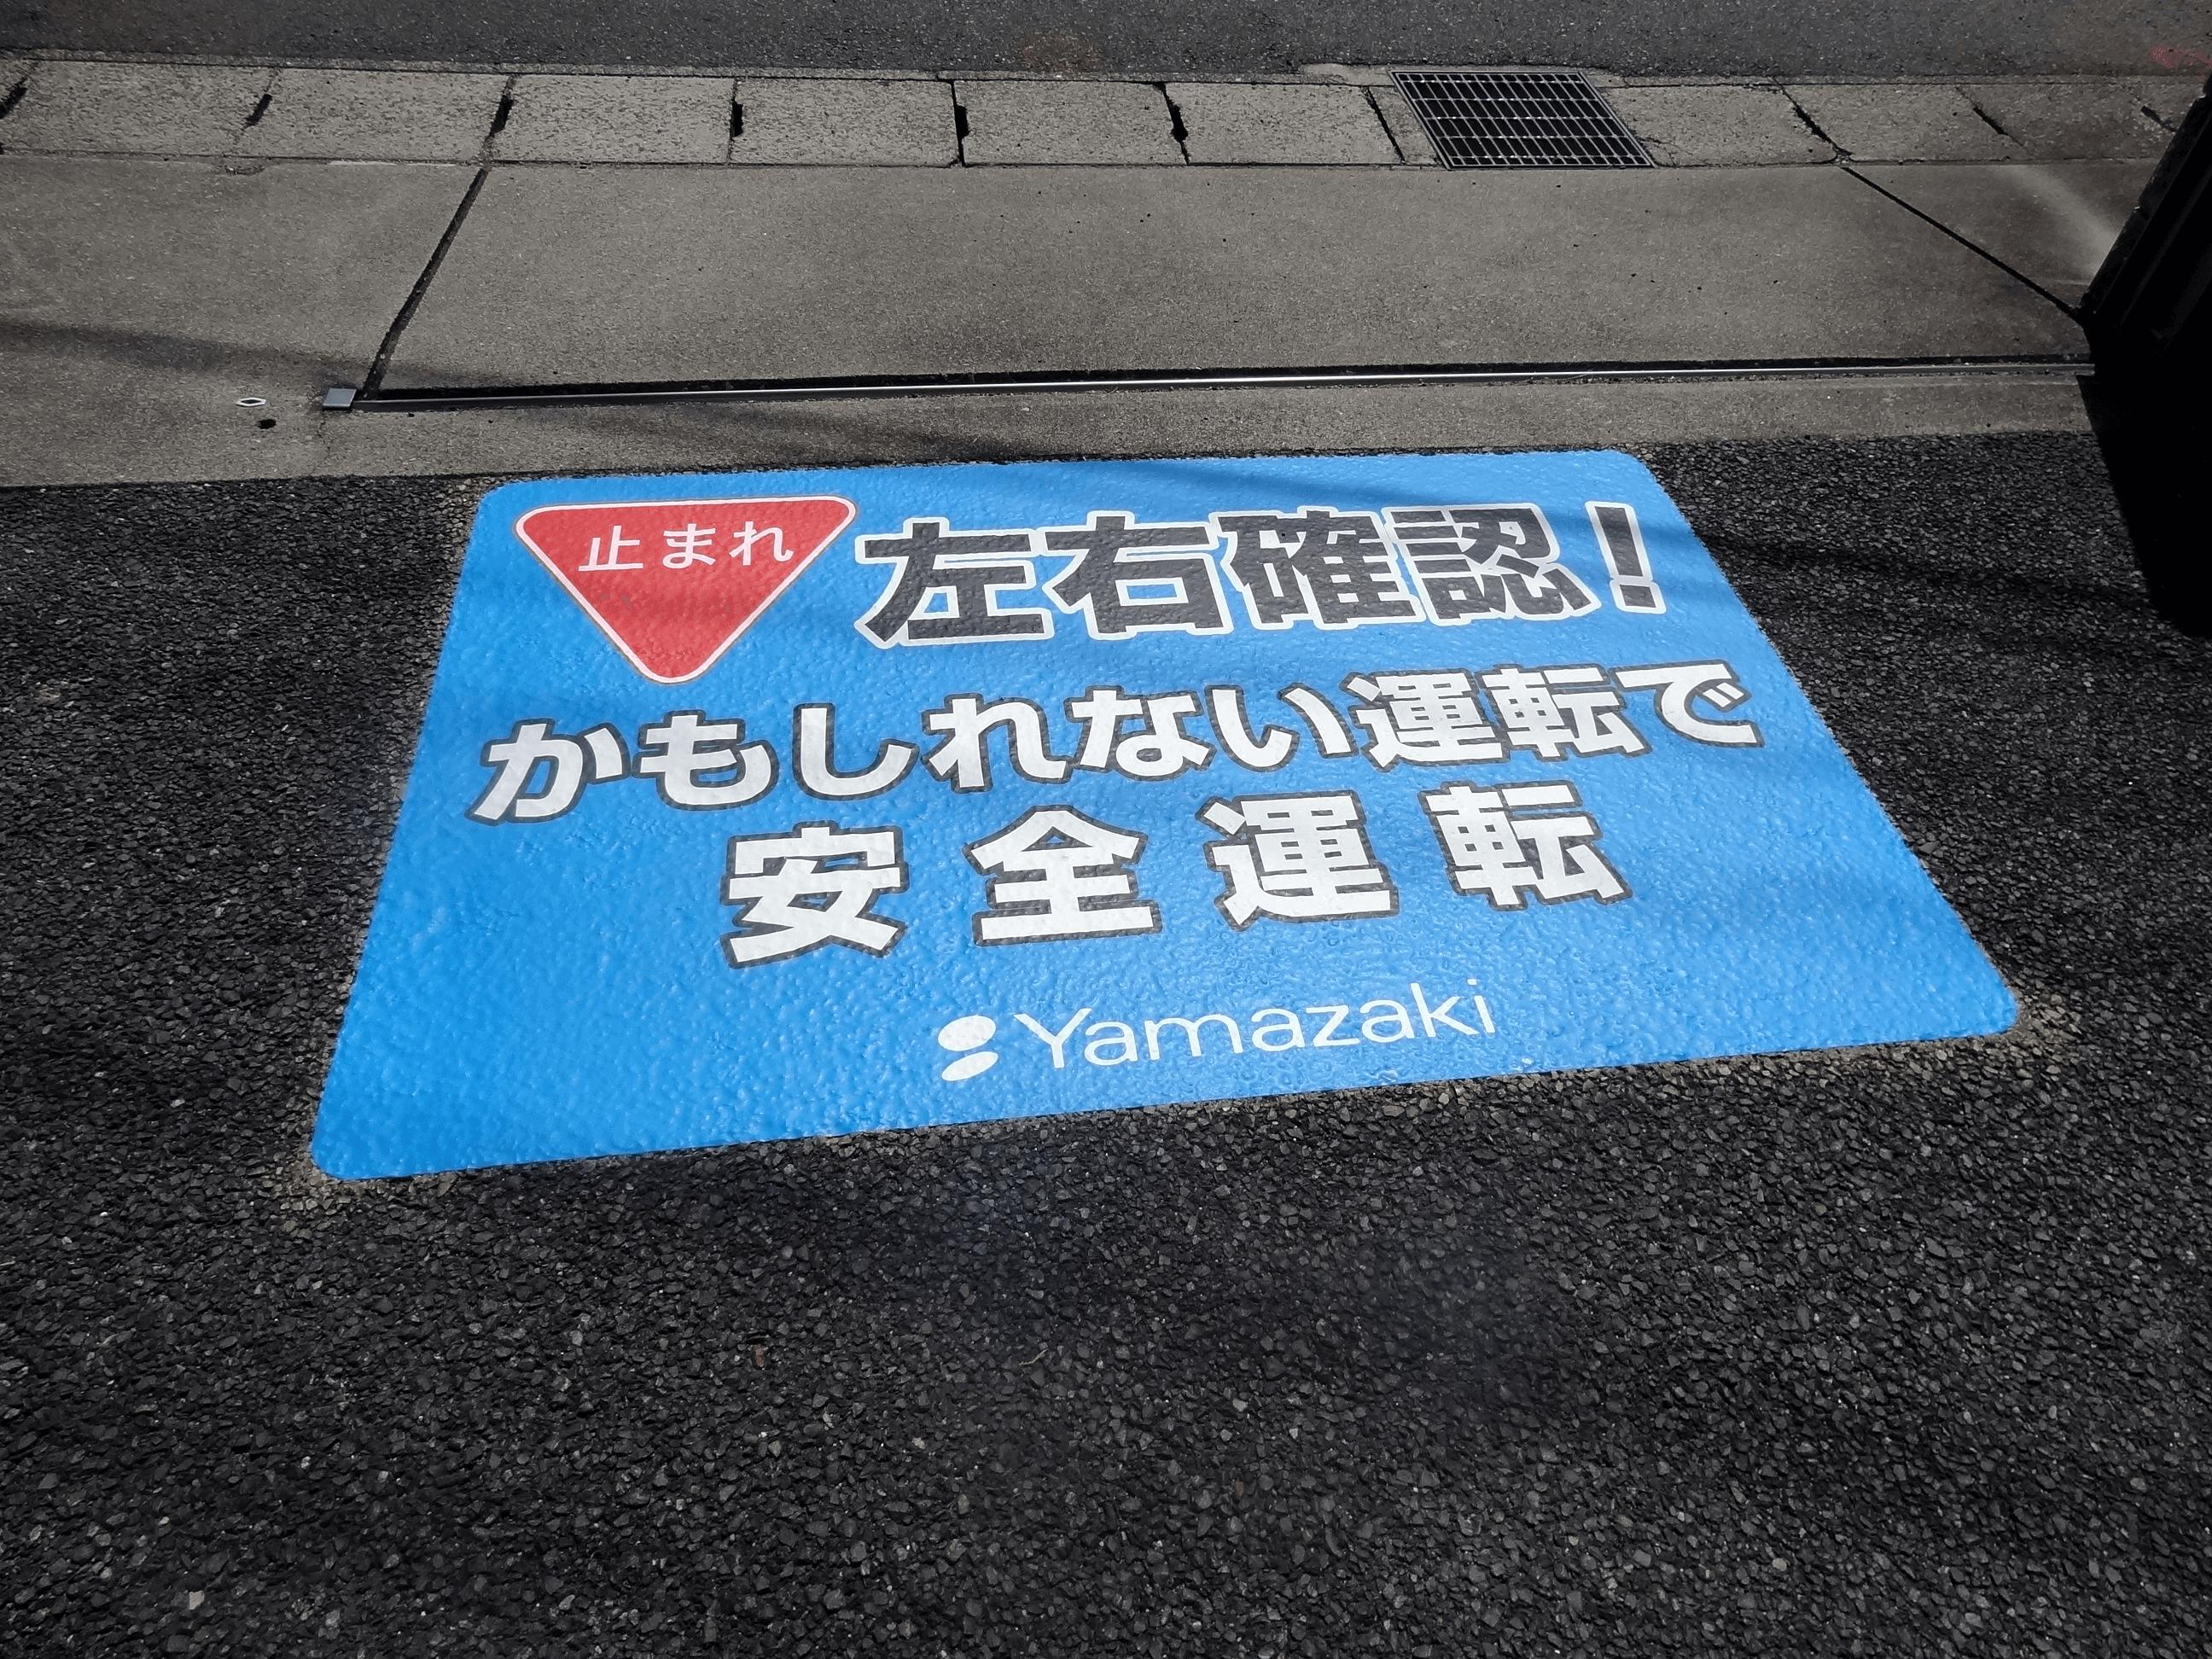 路面シート看板施工事例写真 愛知県 自動車タイヤの据え切りにも対応した画期的なフロアサインです